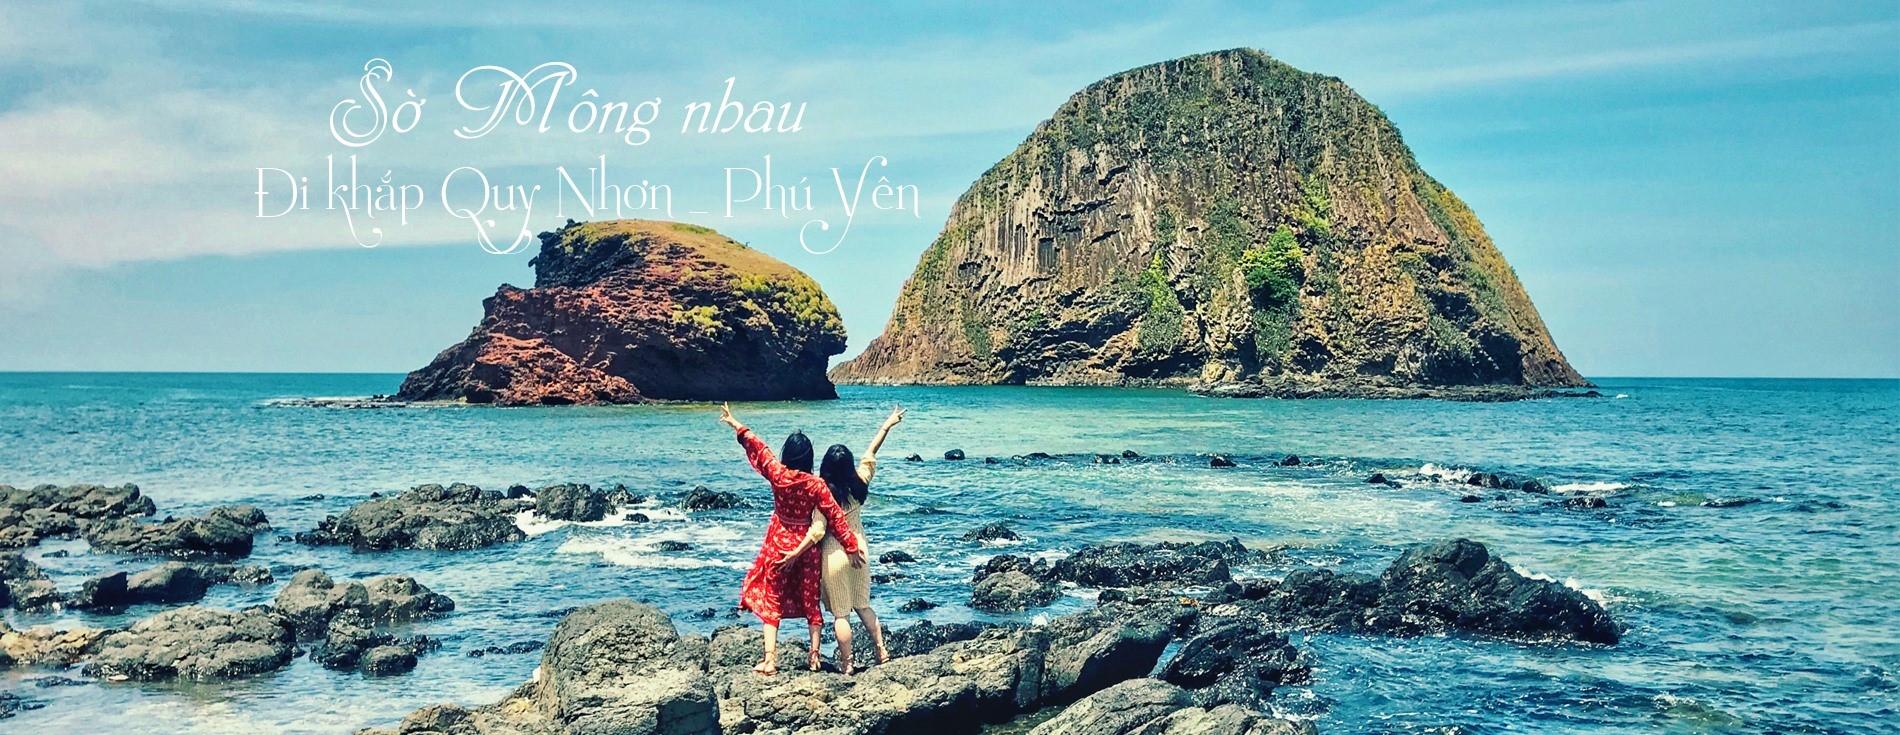 """Checkin-holic: """"Sờ Mông"""" nhau đi khắp Quy Nhơn - Phú Yên! - Phan Nguyên Khiêm"""